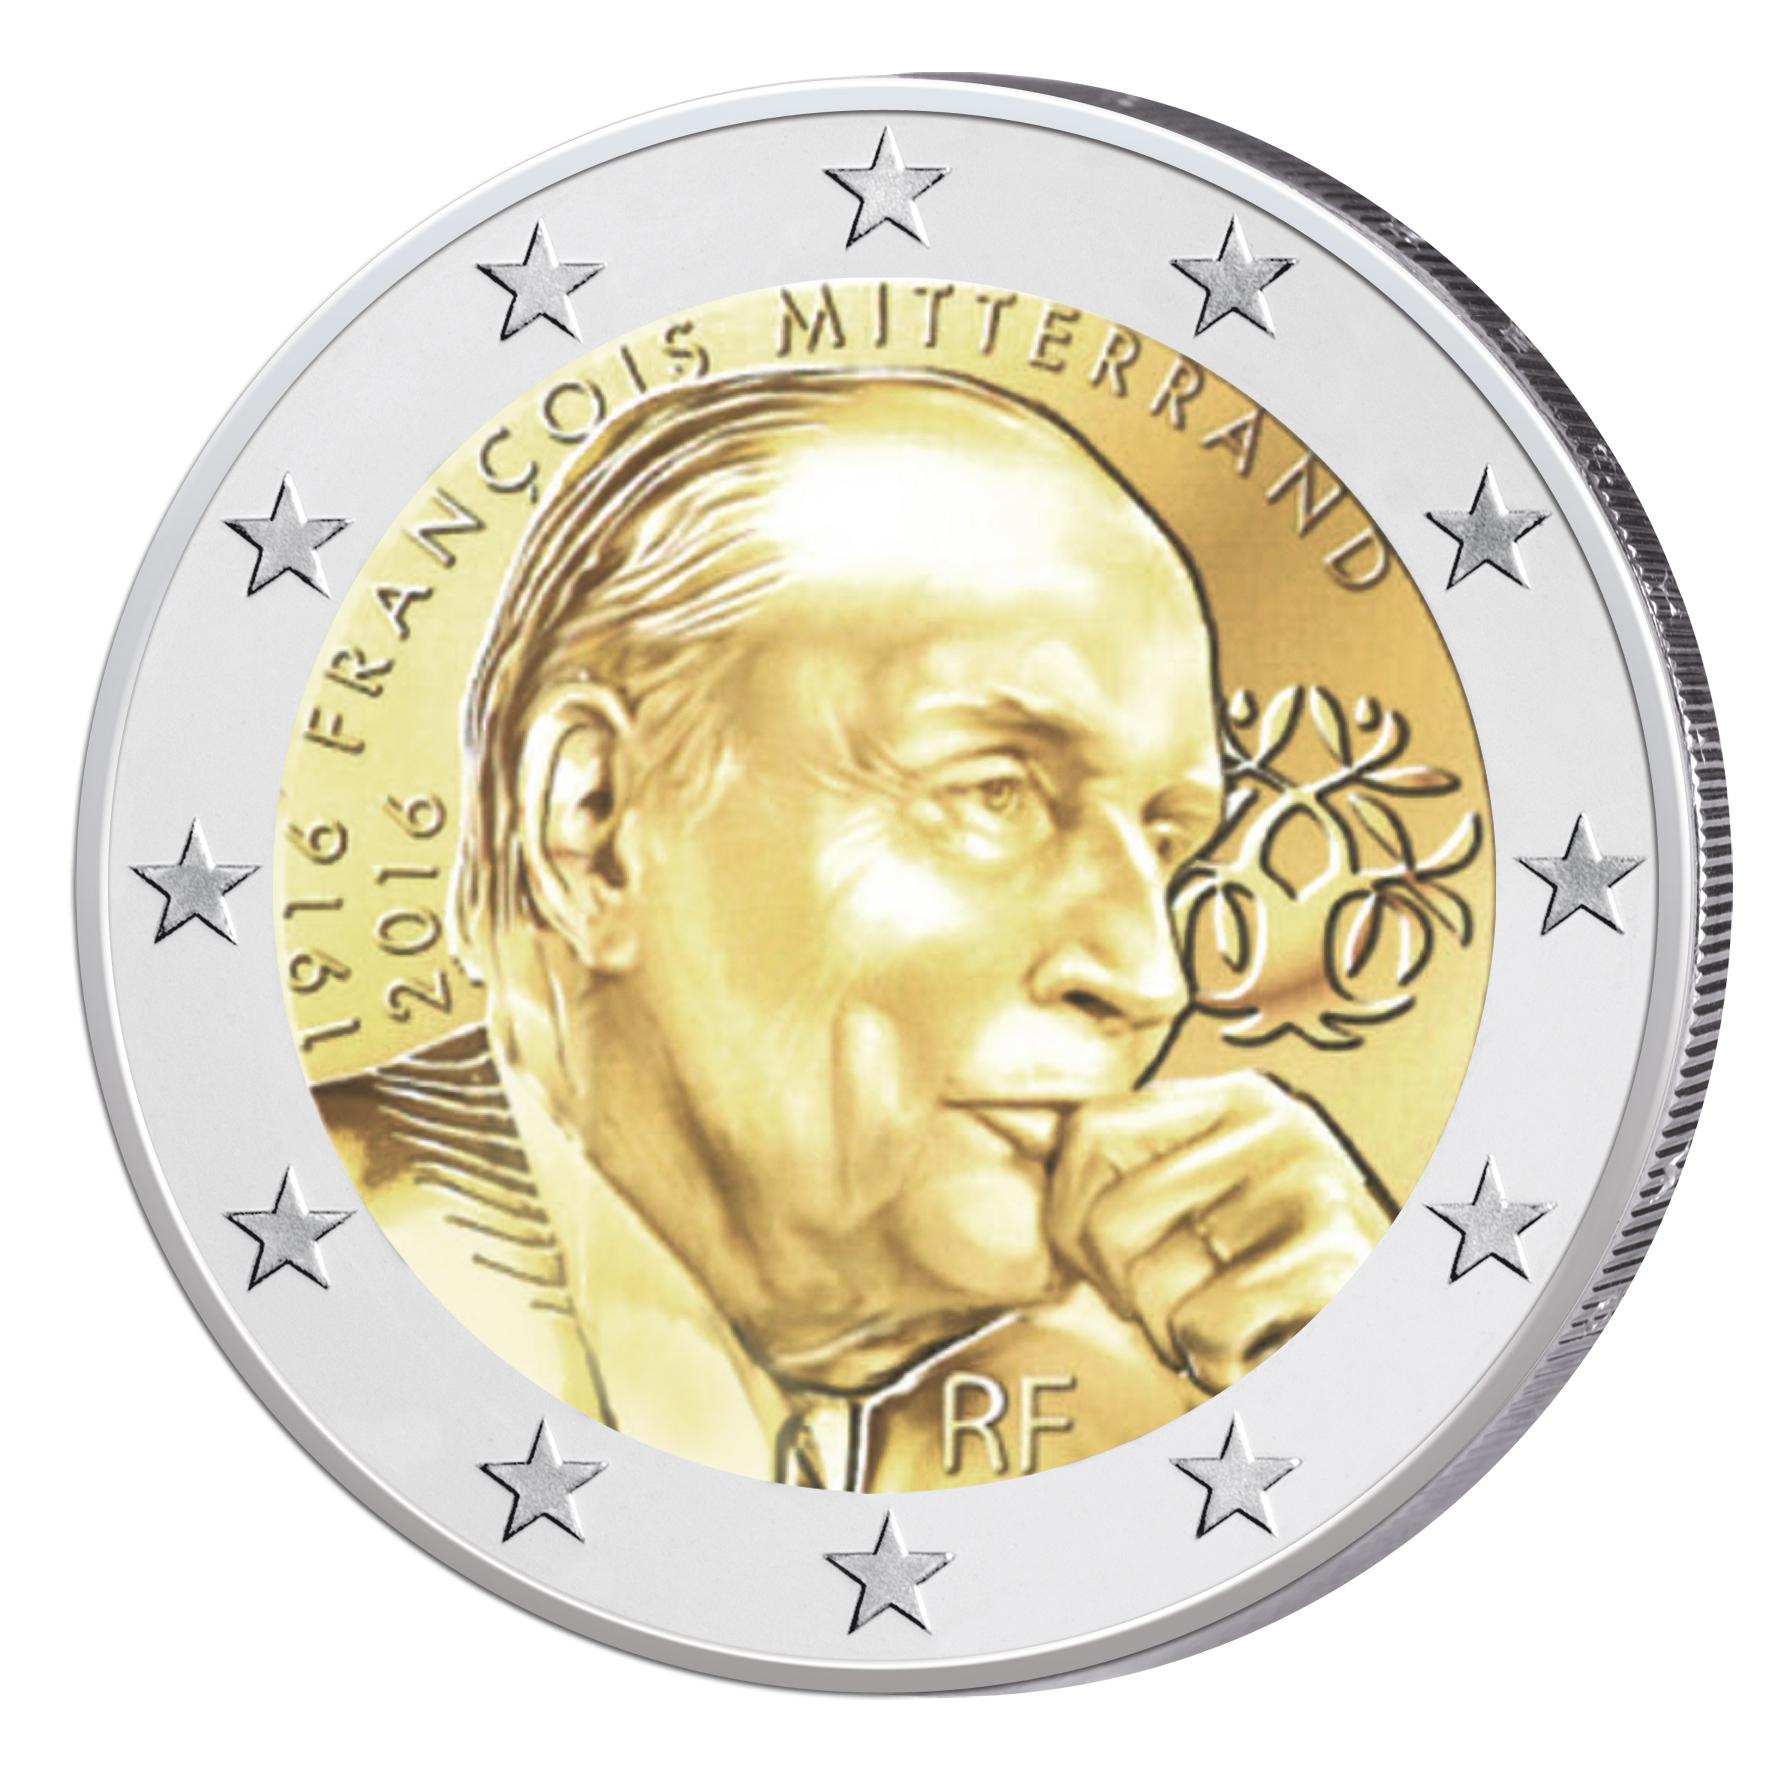 2 Euro Gedenkmünzen 2016 Münzbilder Und Informationen Zu Den